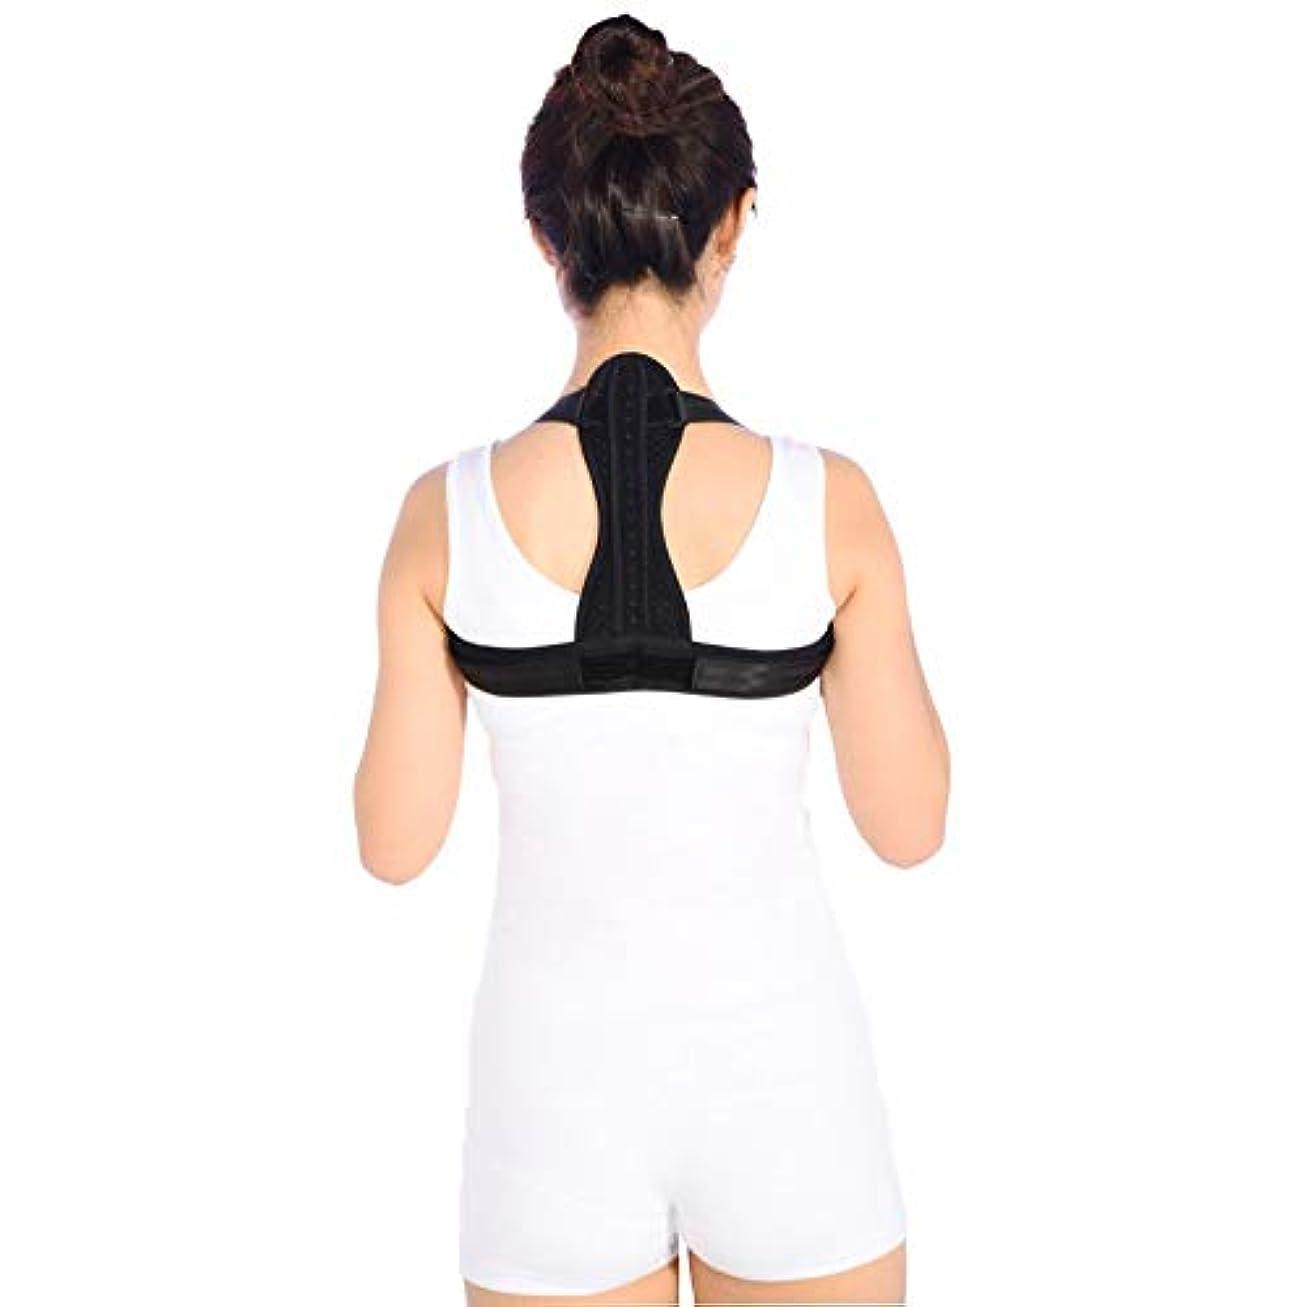 オプショナル即席バナナ通気性の脊柱側弯症ザトウクジラ補正ベルト調節可能な快適さ目に見えないベルト男性女性大人学生子供 - 黒